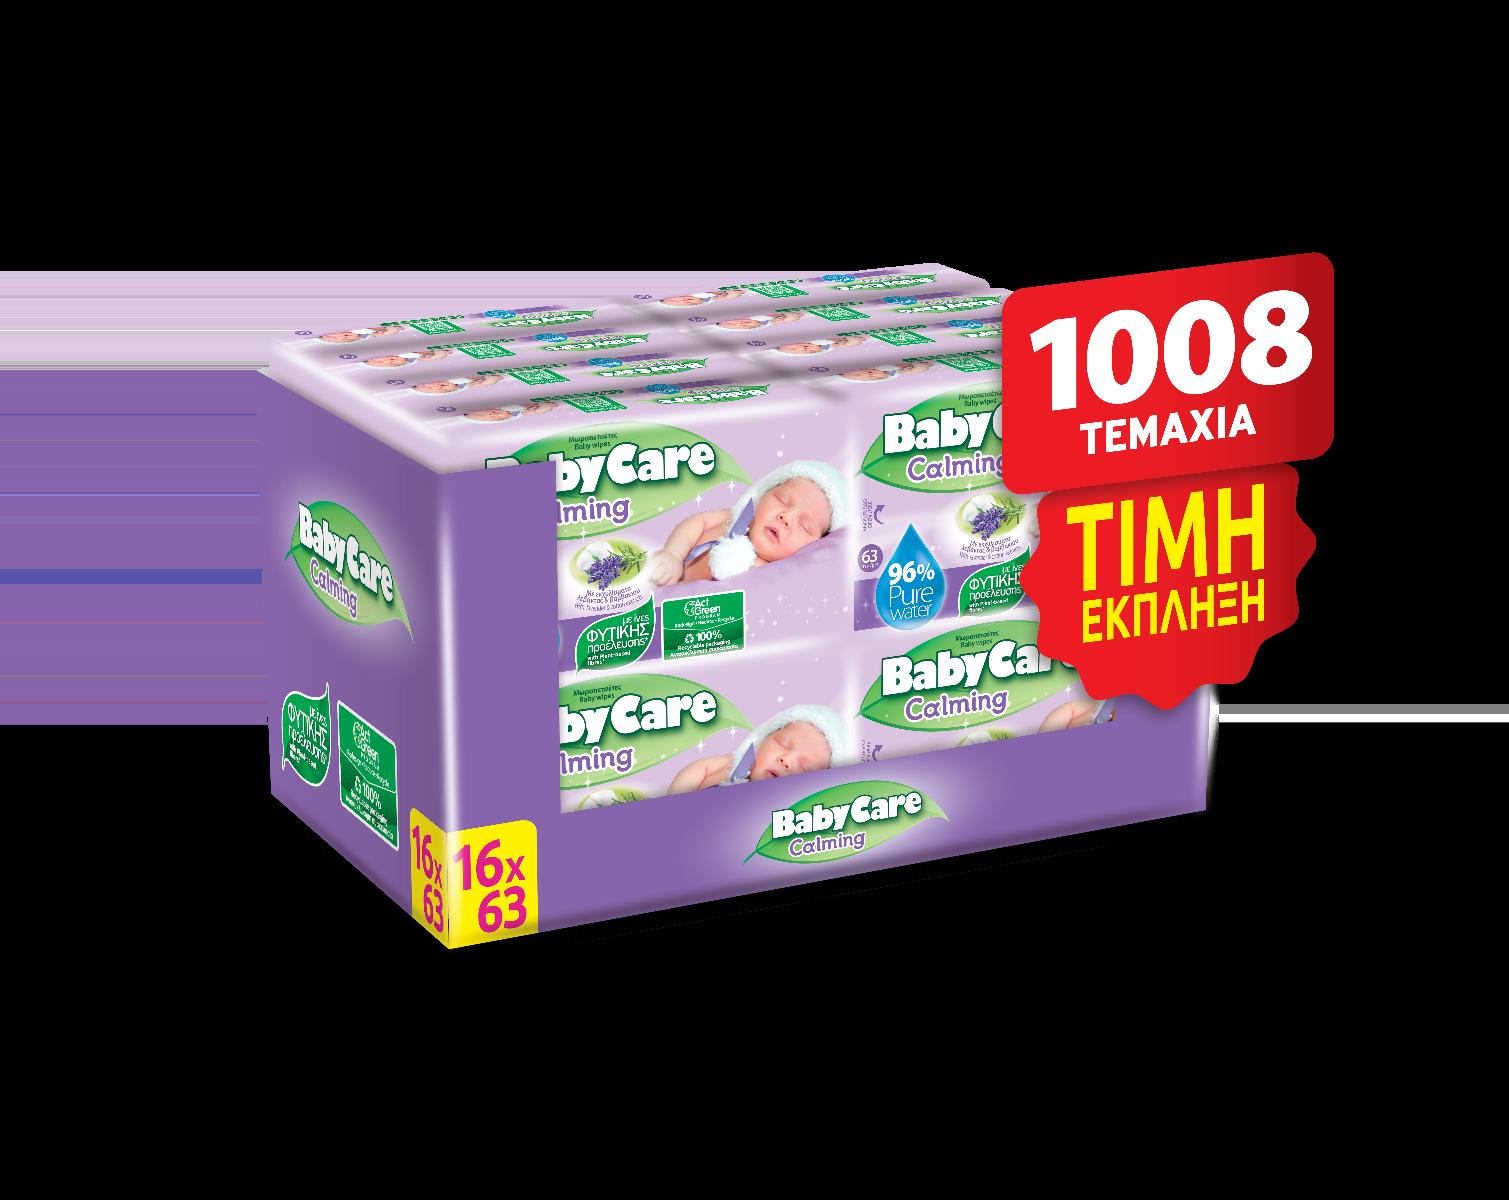 Μωρομάντηλα Babycare Calming Pure Water Super Value Box 1008τμχ (16*63τμχ)